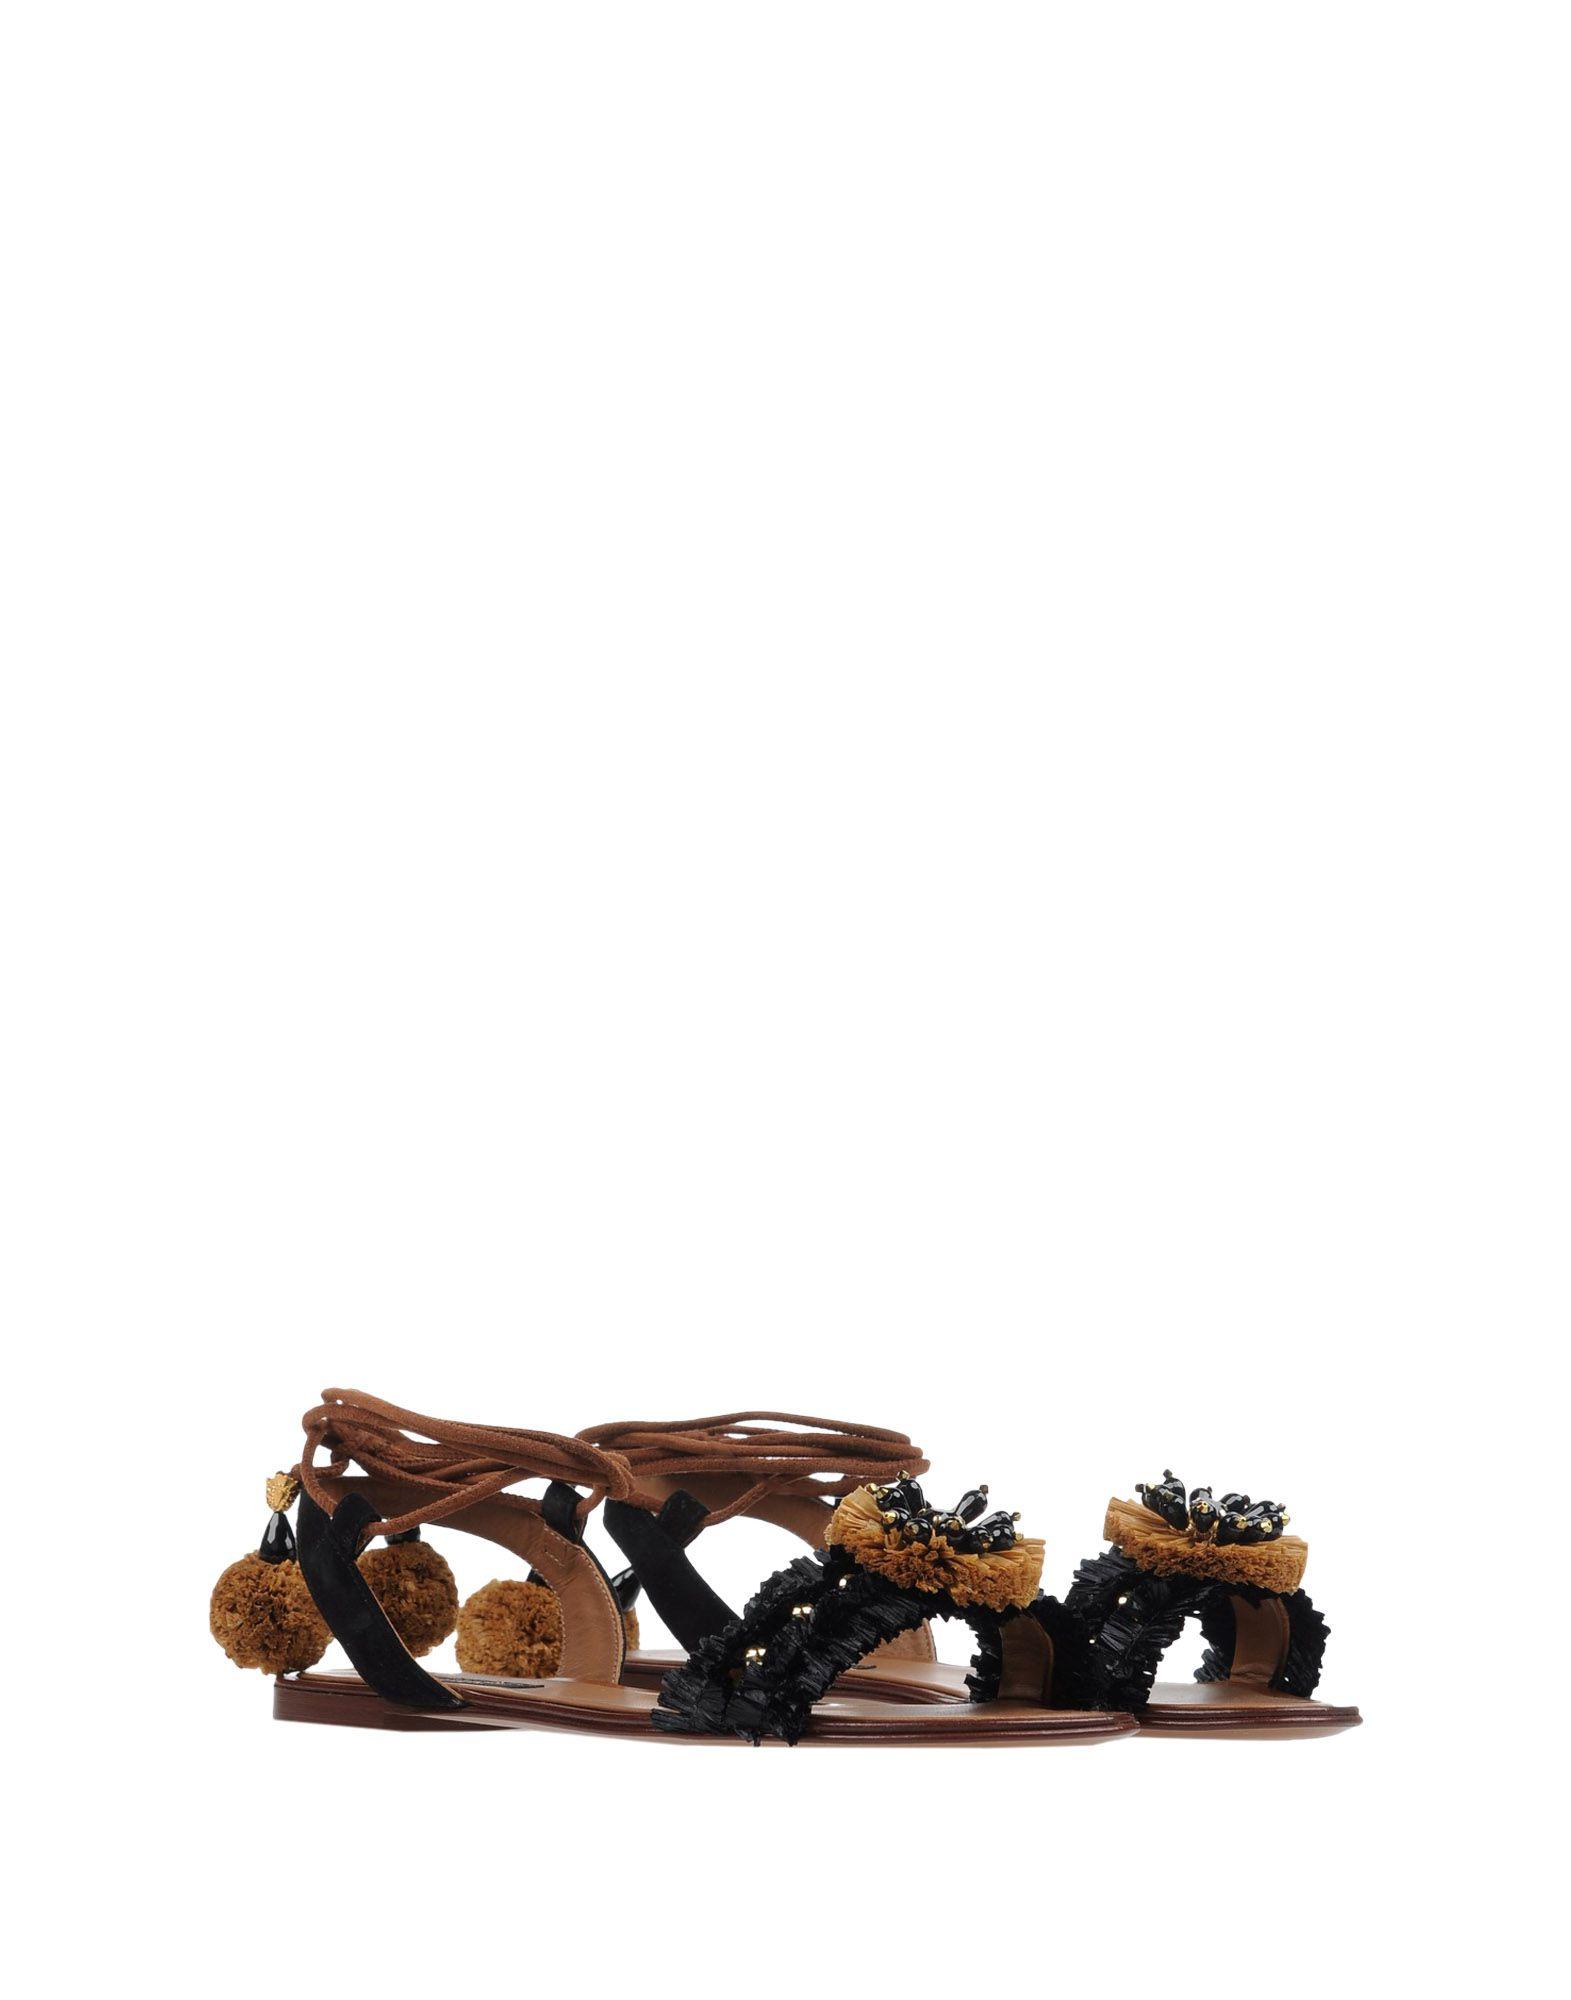 Dolce & Gabbana Sandalen sich Damen Gutes Preis-Leistungs-Verhältnis, es lohnt sich Sandalen 2761 e46229